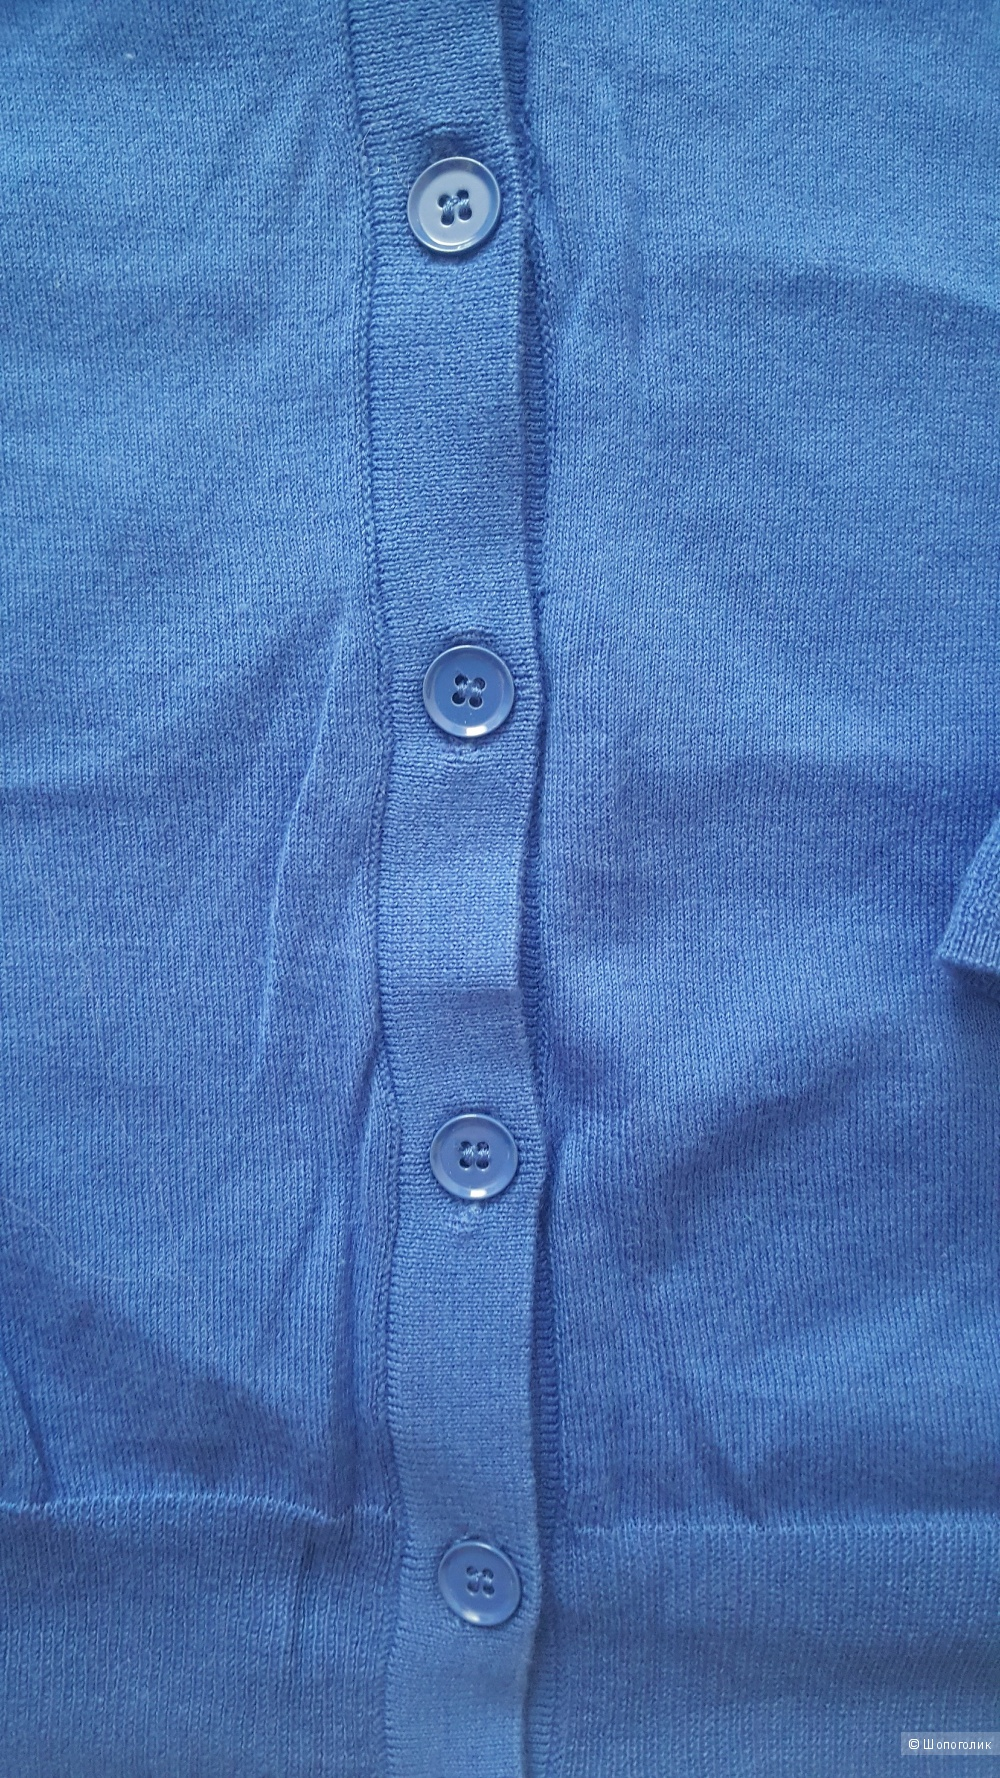 Лёгкий пуловер Jcrew р. L